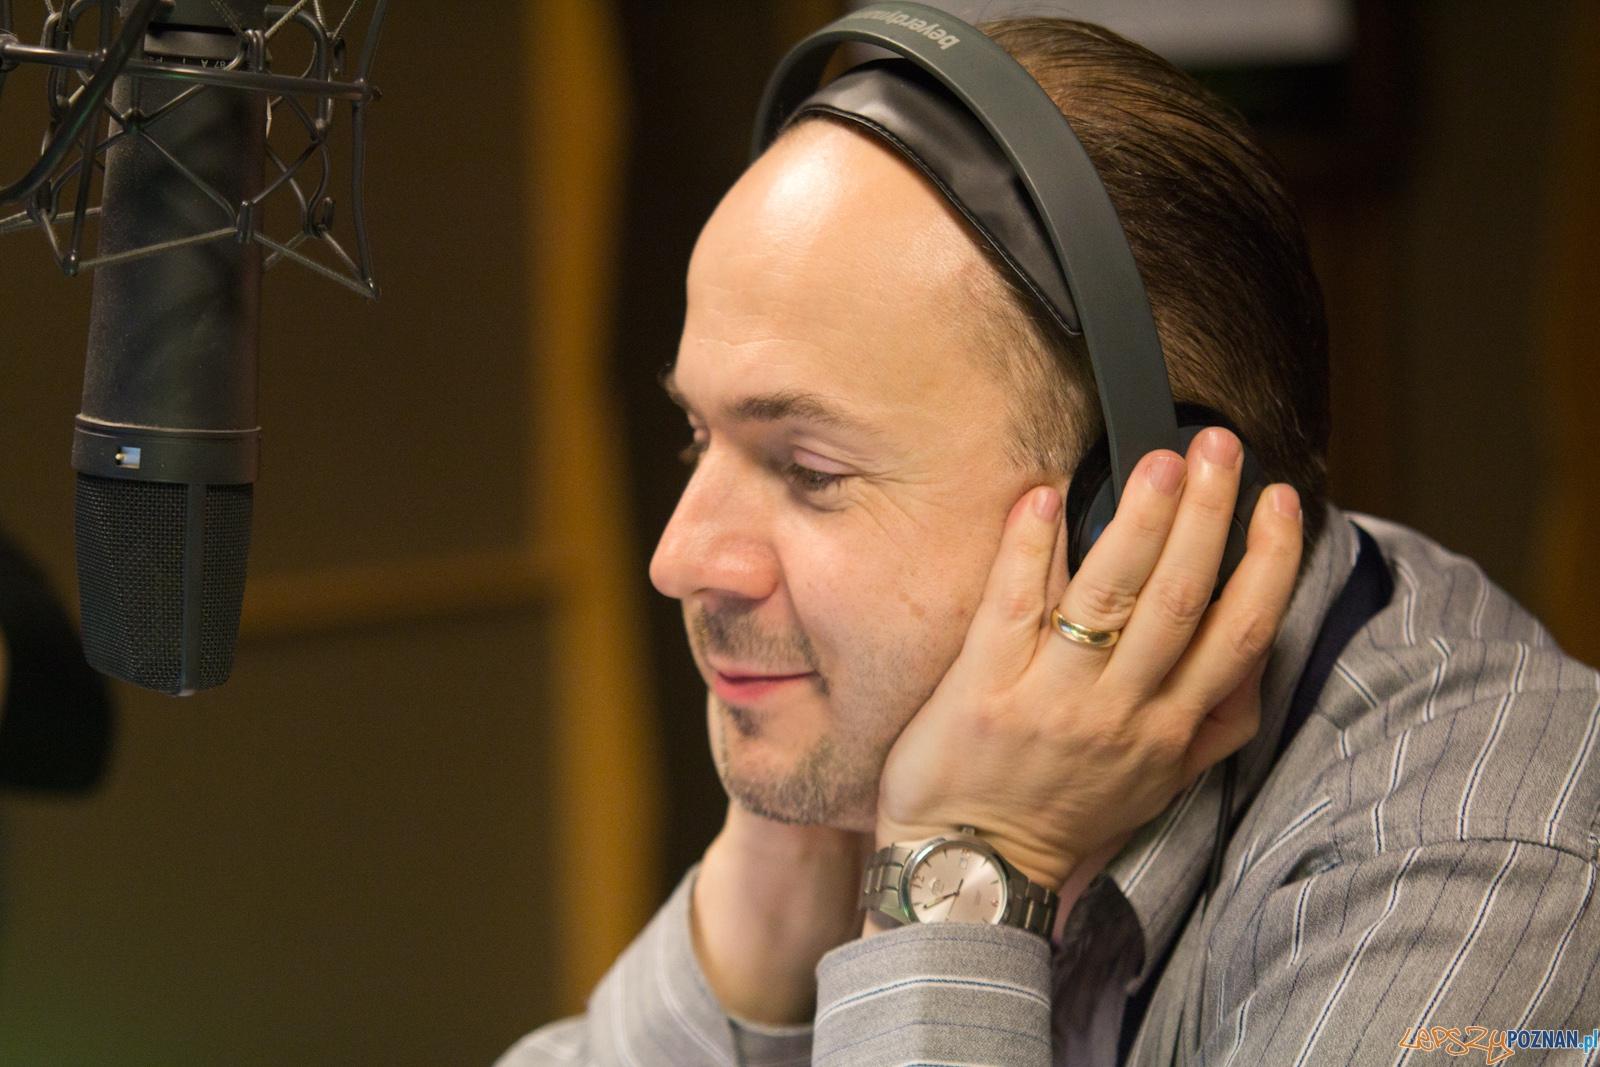 Ostatnia Noc u Berniego - Radio Merkury 20.01.2012 r.  Foto: lepszyPOZNAN.pl / Piotr Rychter